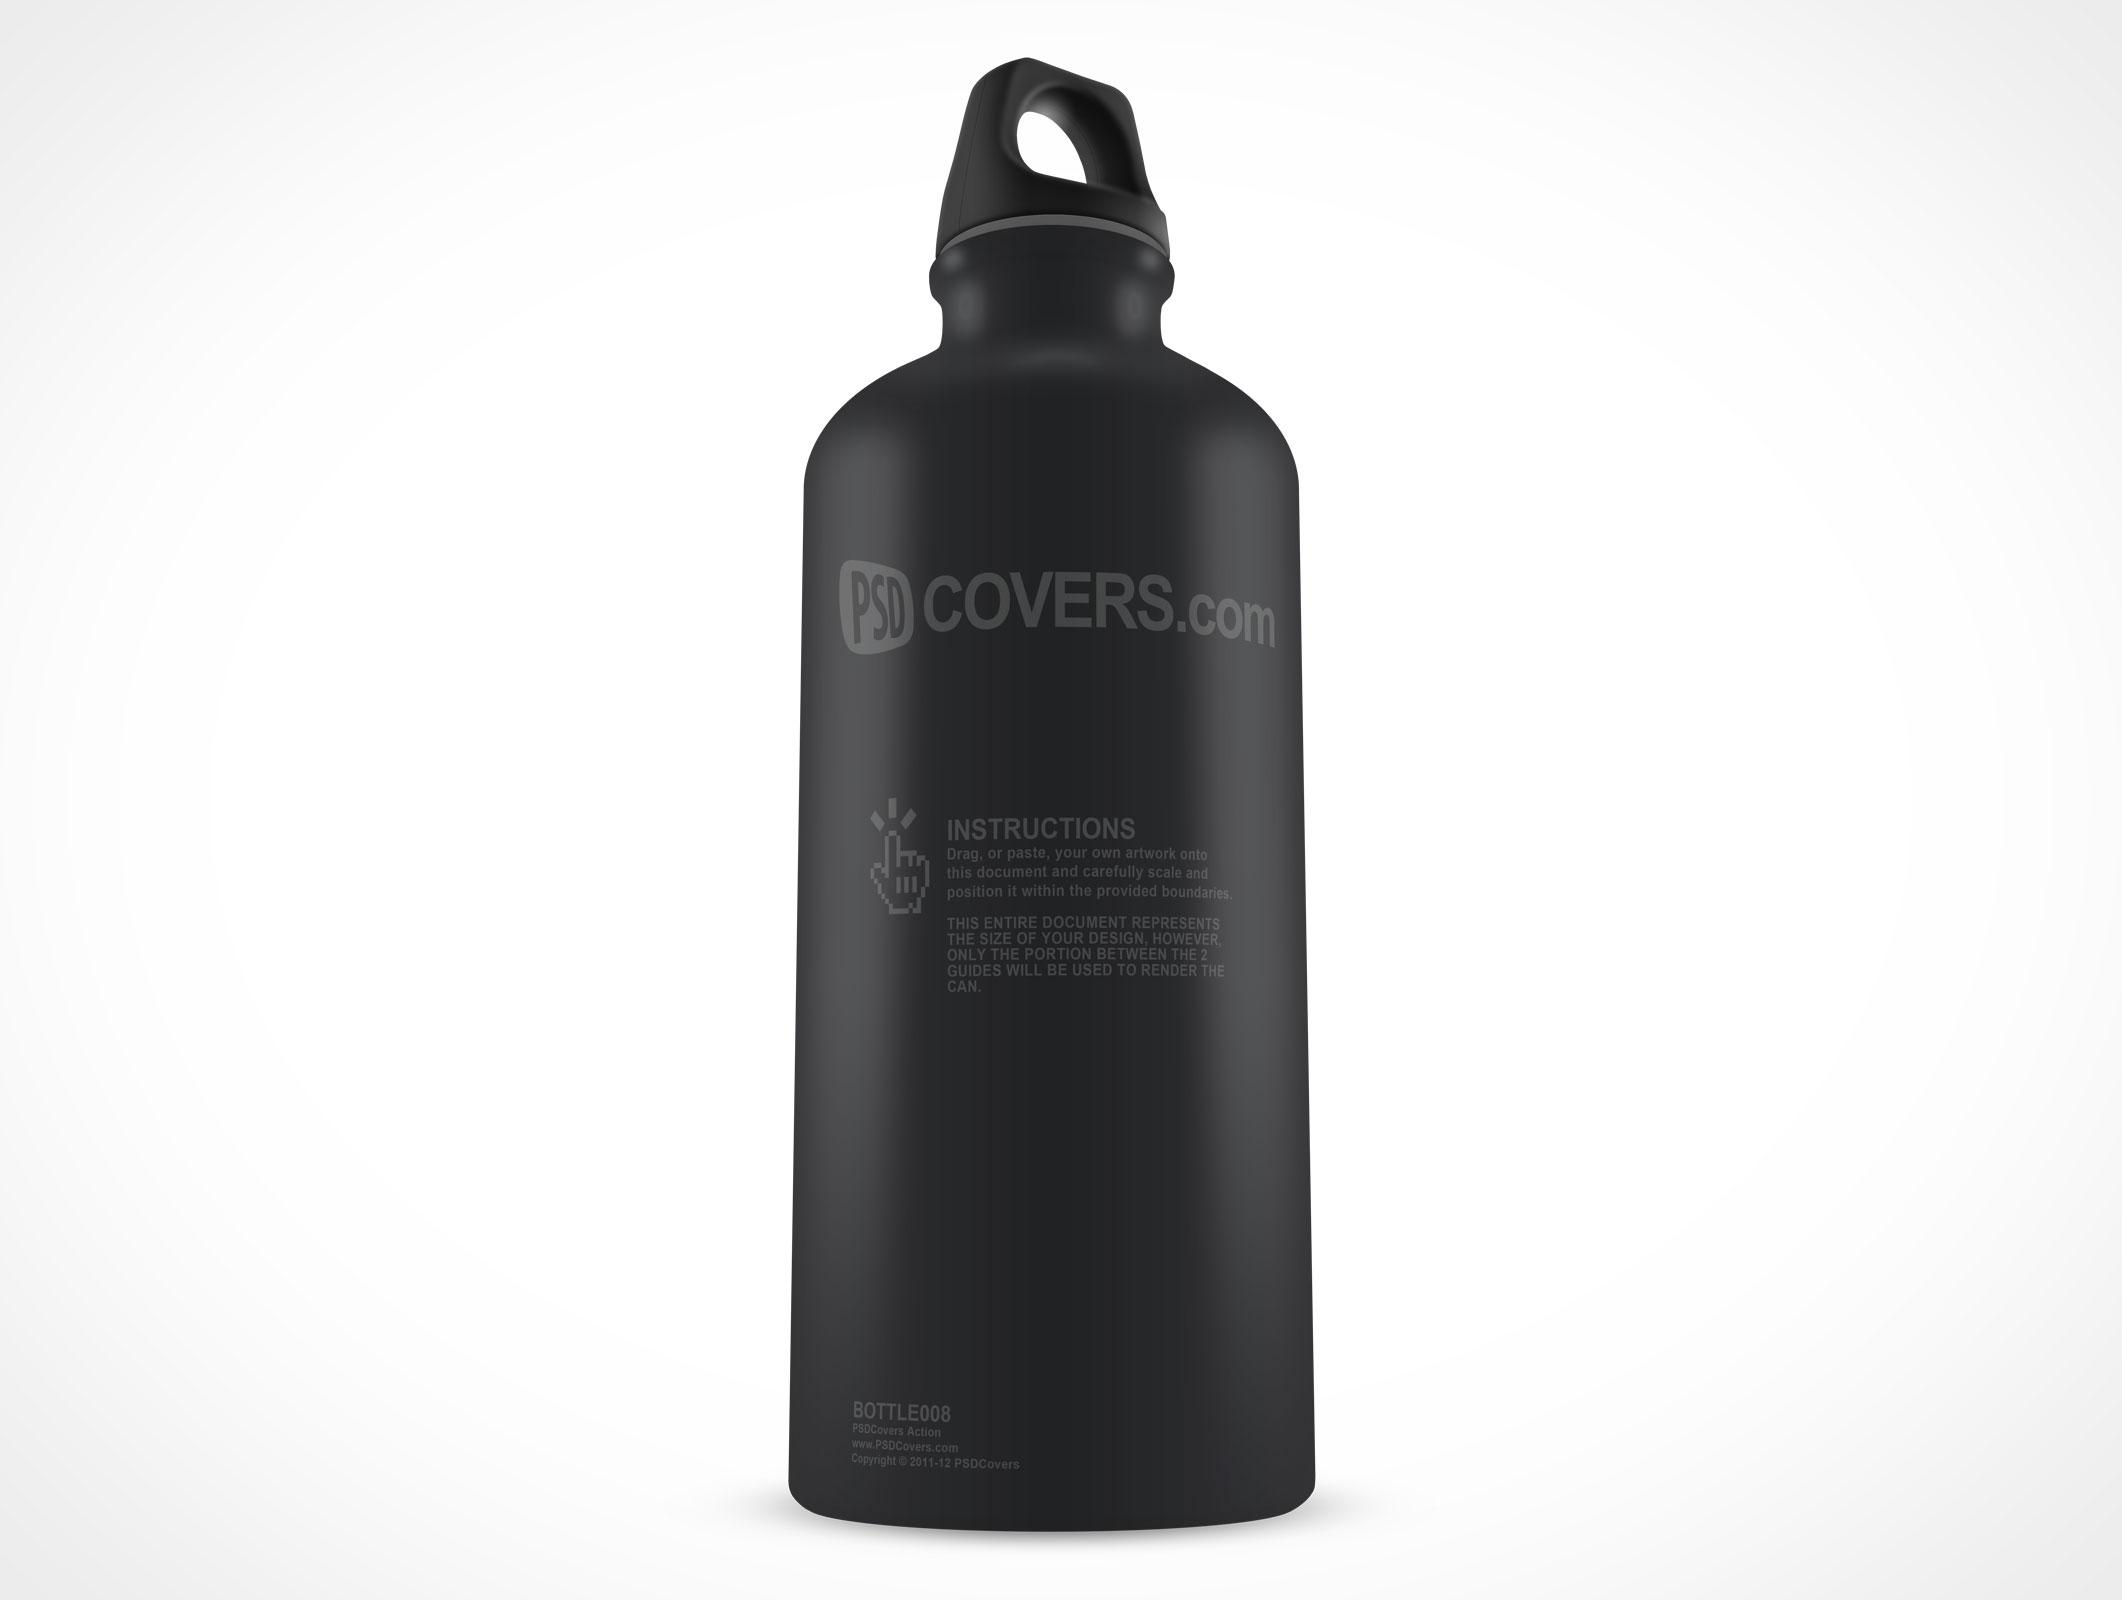 Bottle008 Market Your Psd Mockups For Bottle